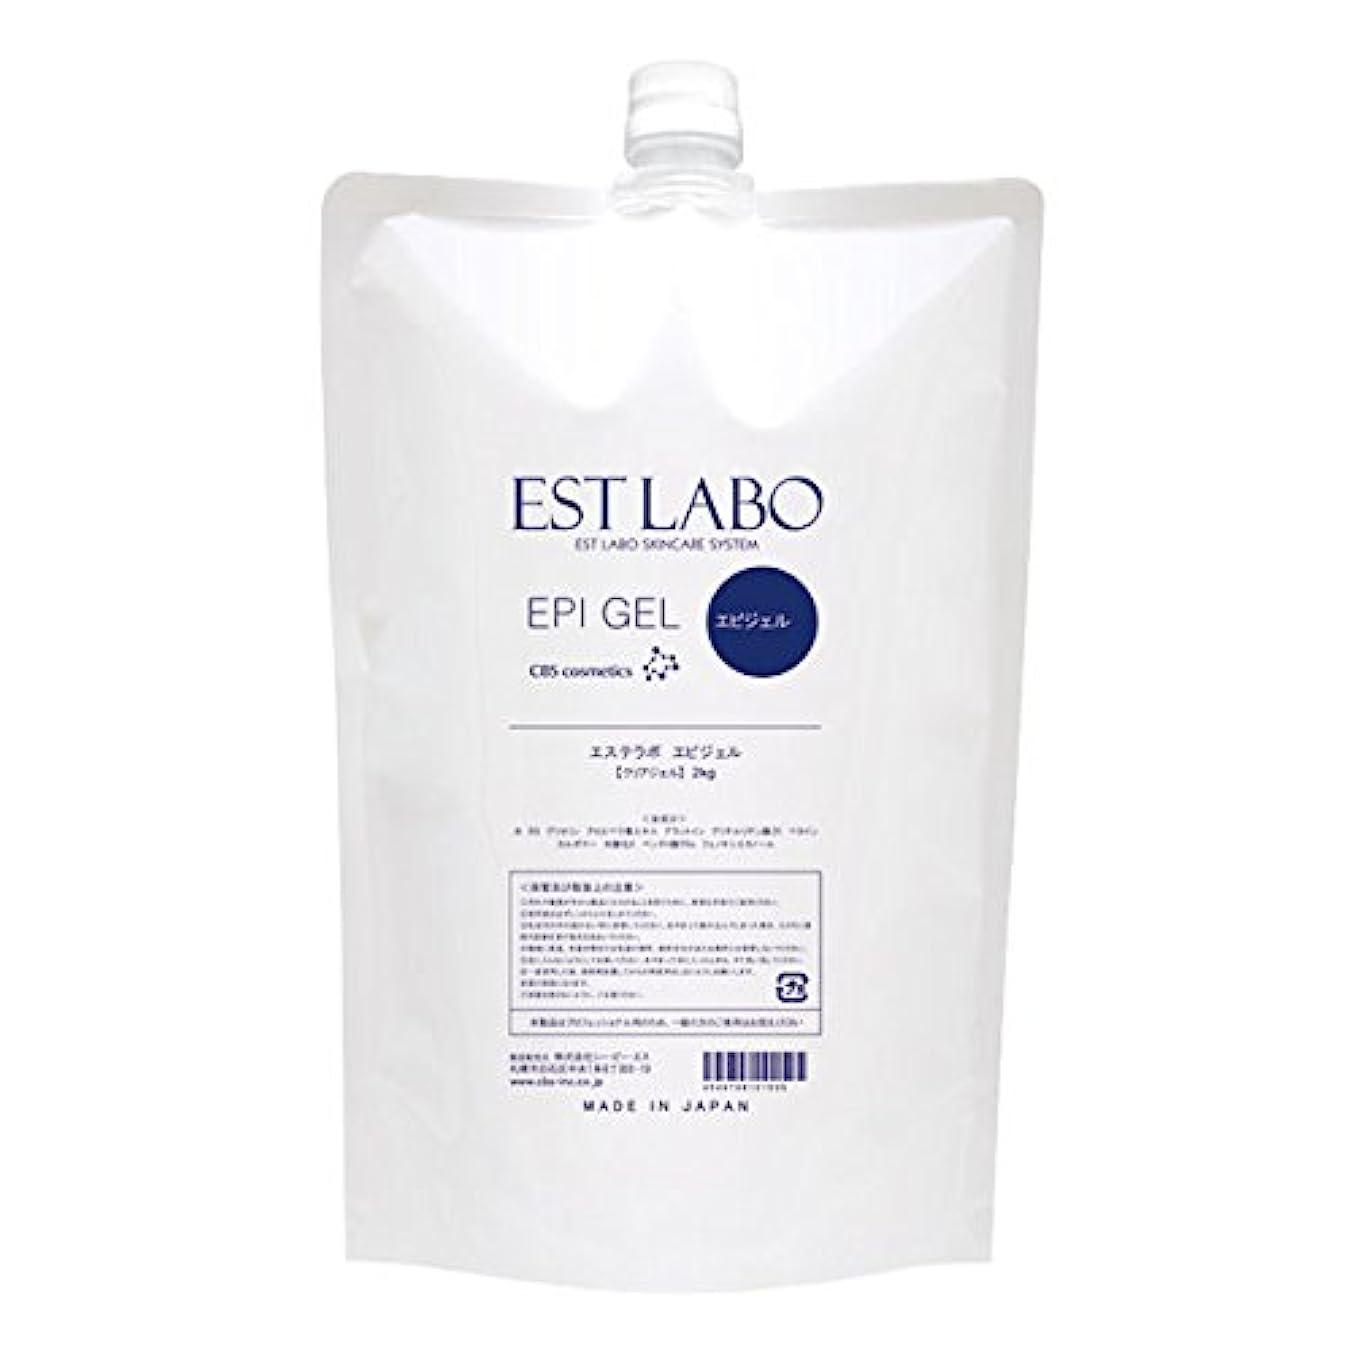 細分化する情報考え脱毛 EST LABO エピジェル(1袋?2kg)×2 合計2袋?4kg 業務用